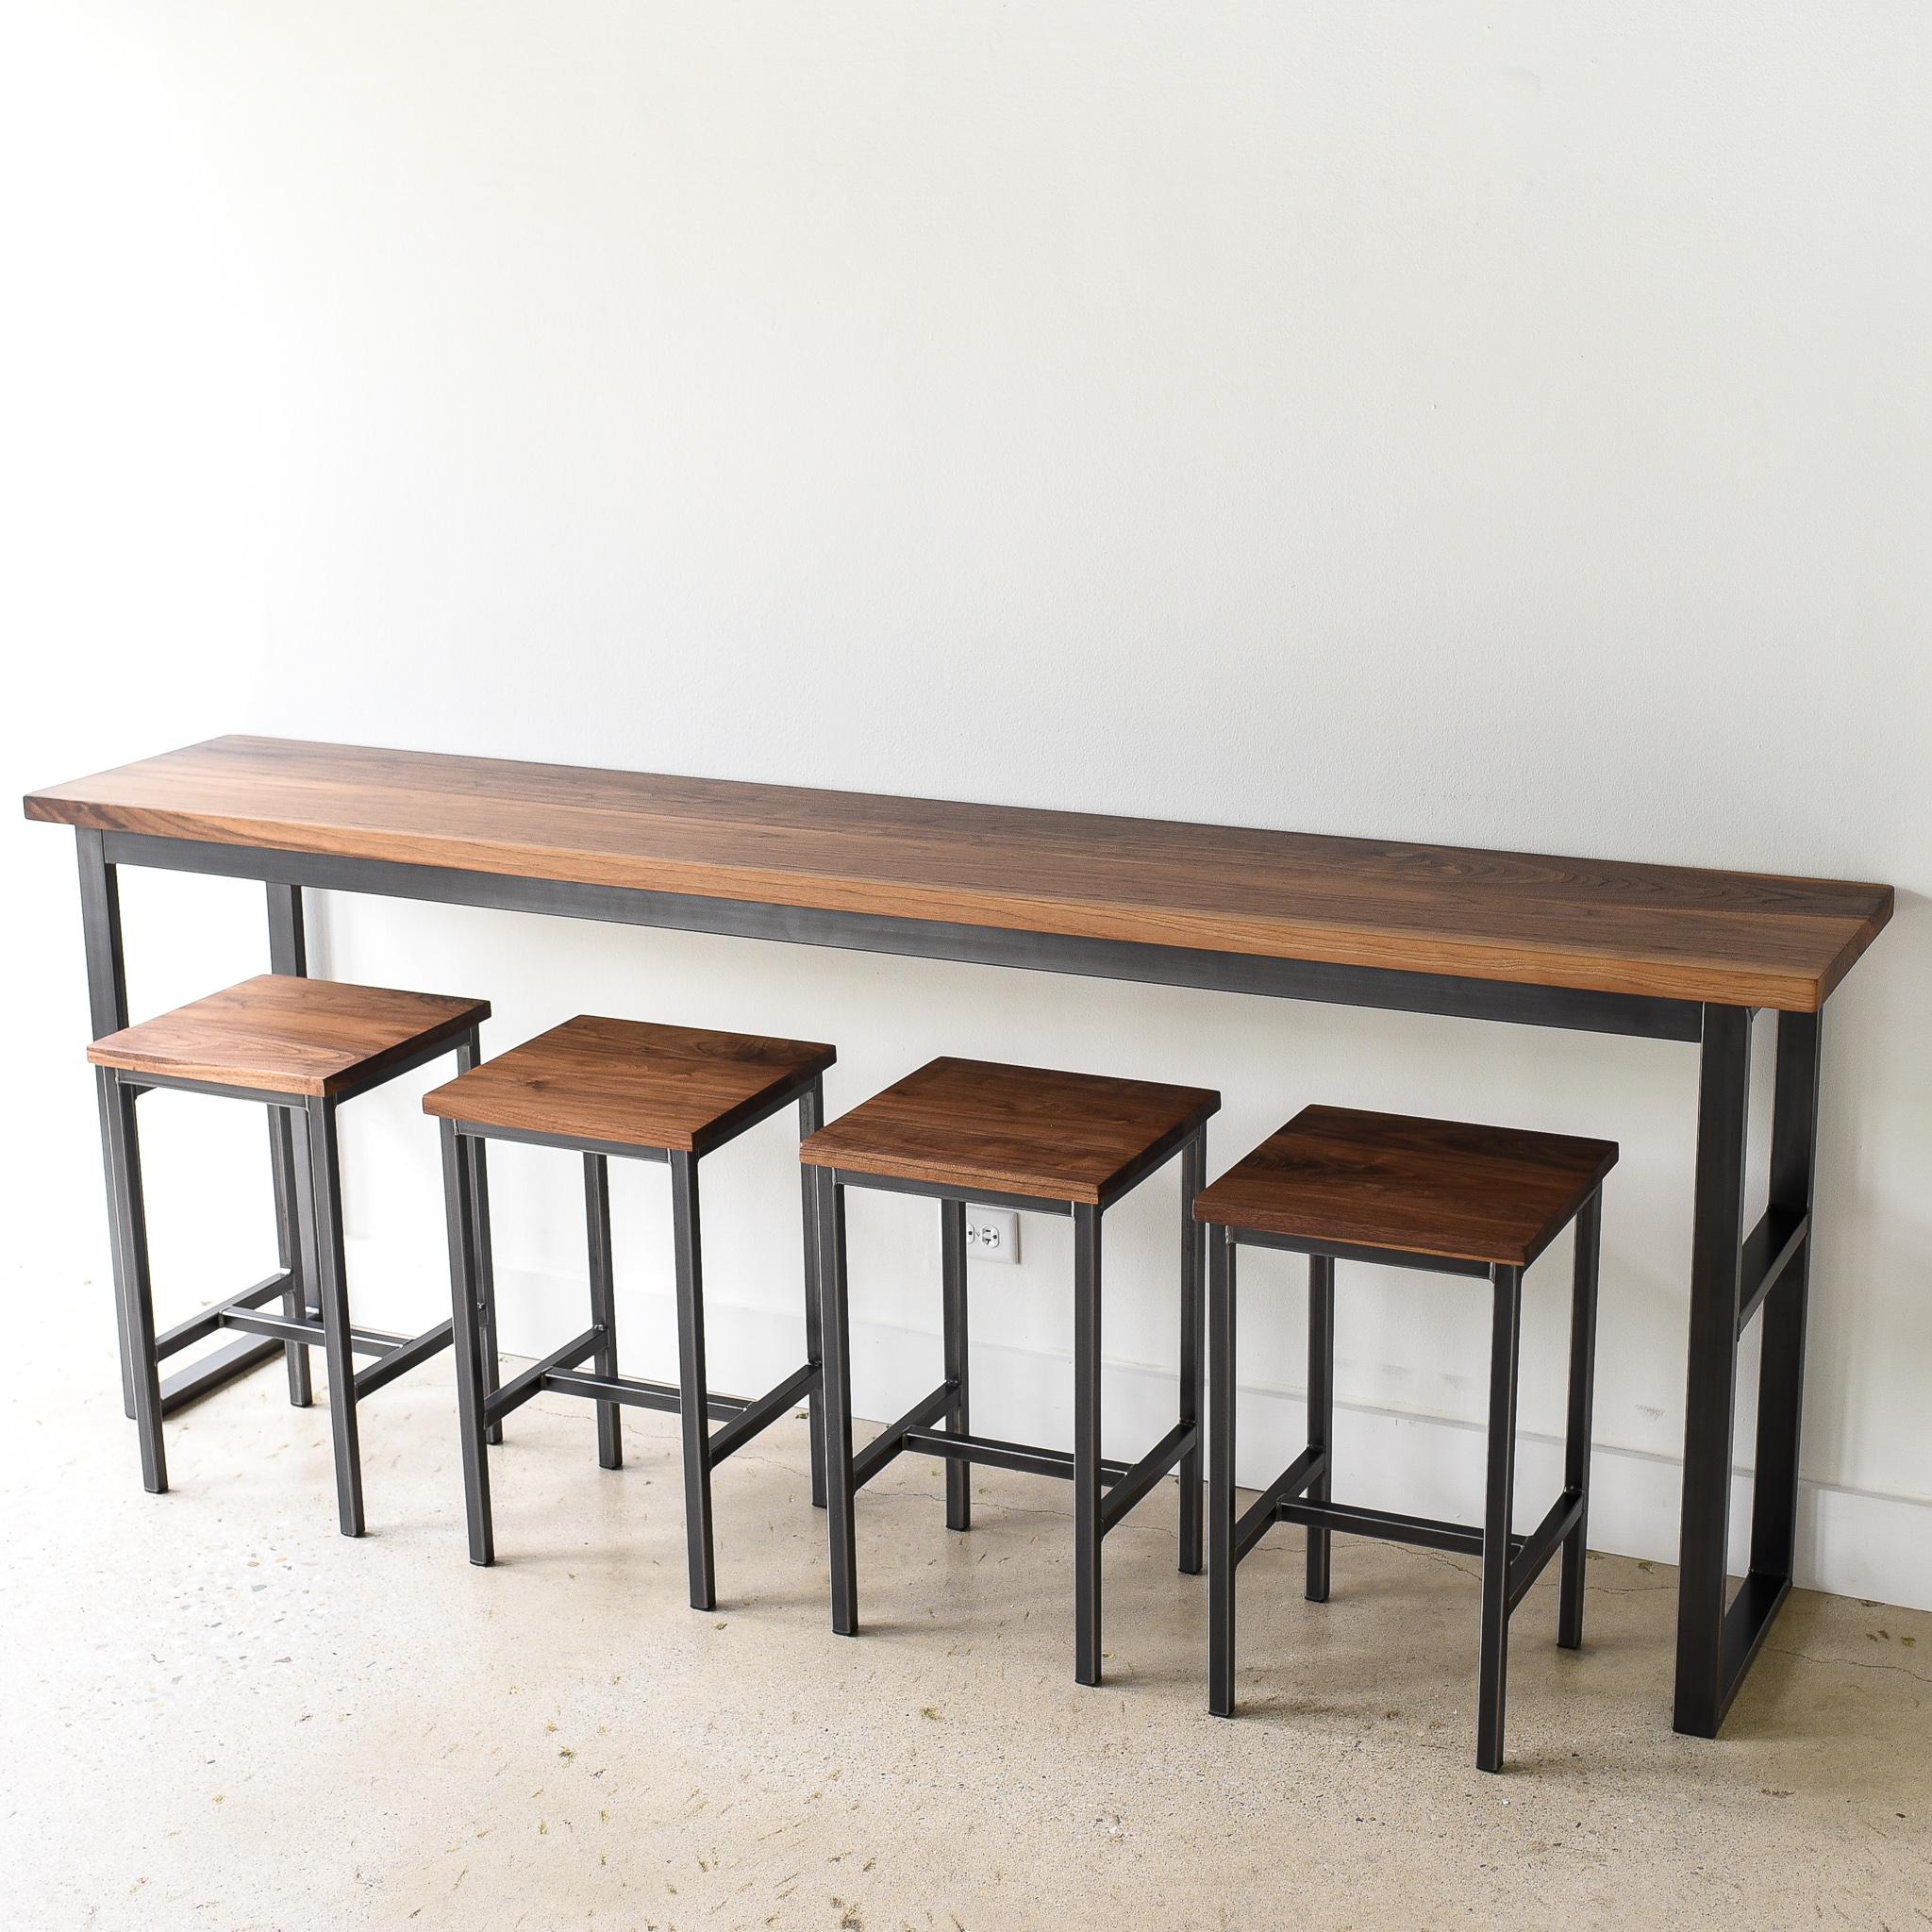 Walnut Pub Table What We Make